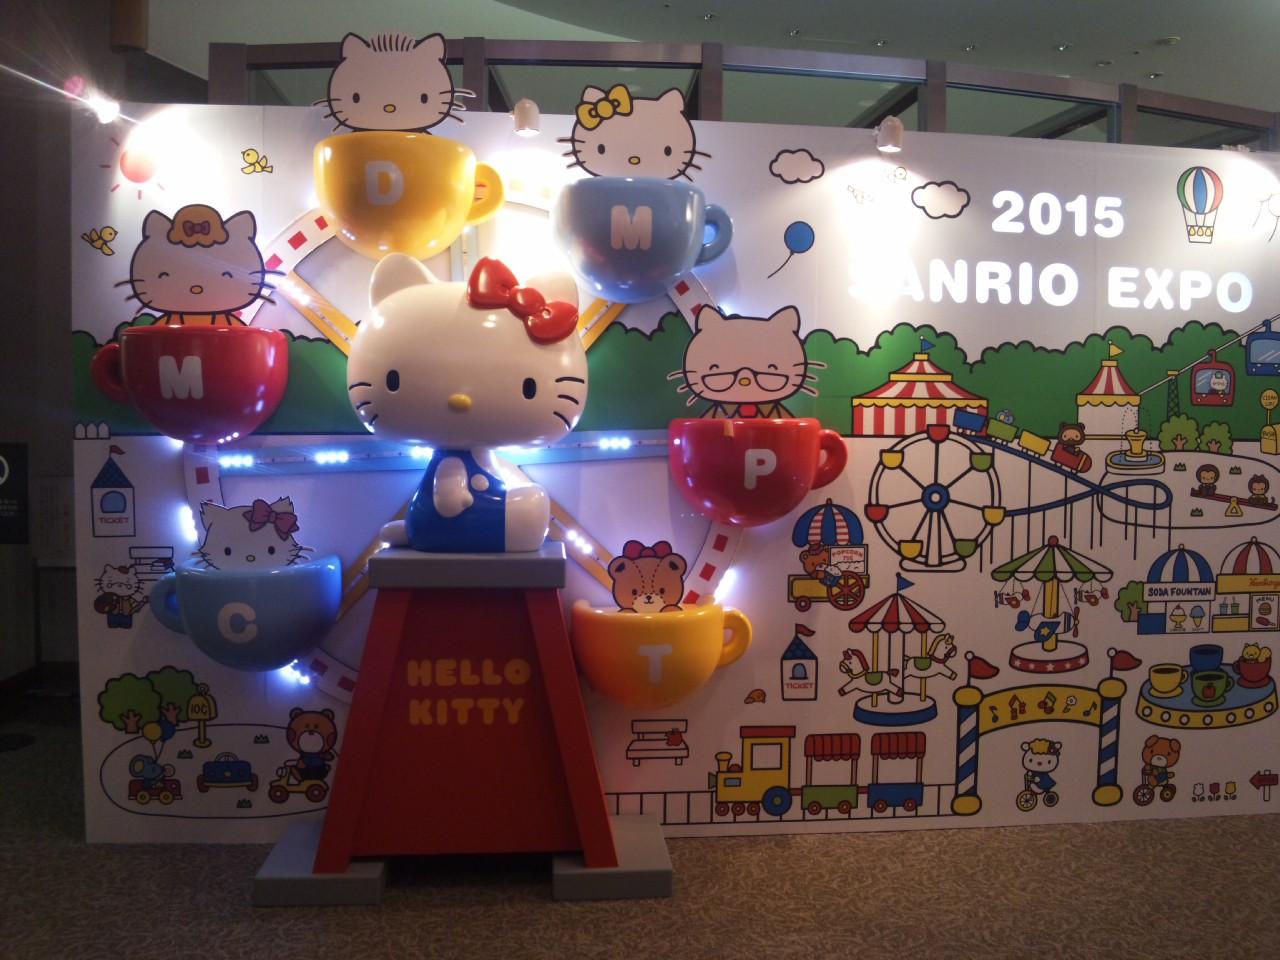 まもなくSANRIO EXPO 2015<br />  !